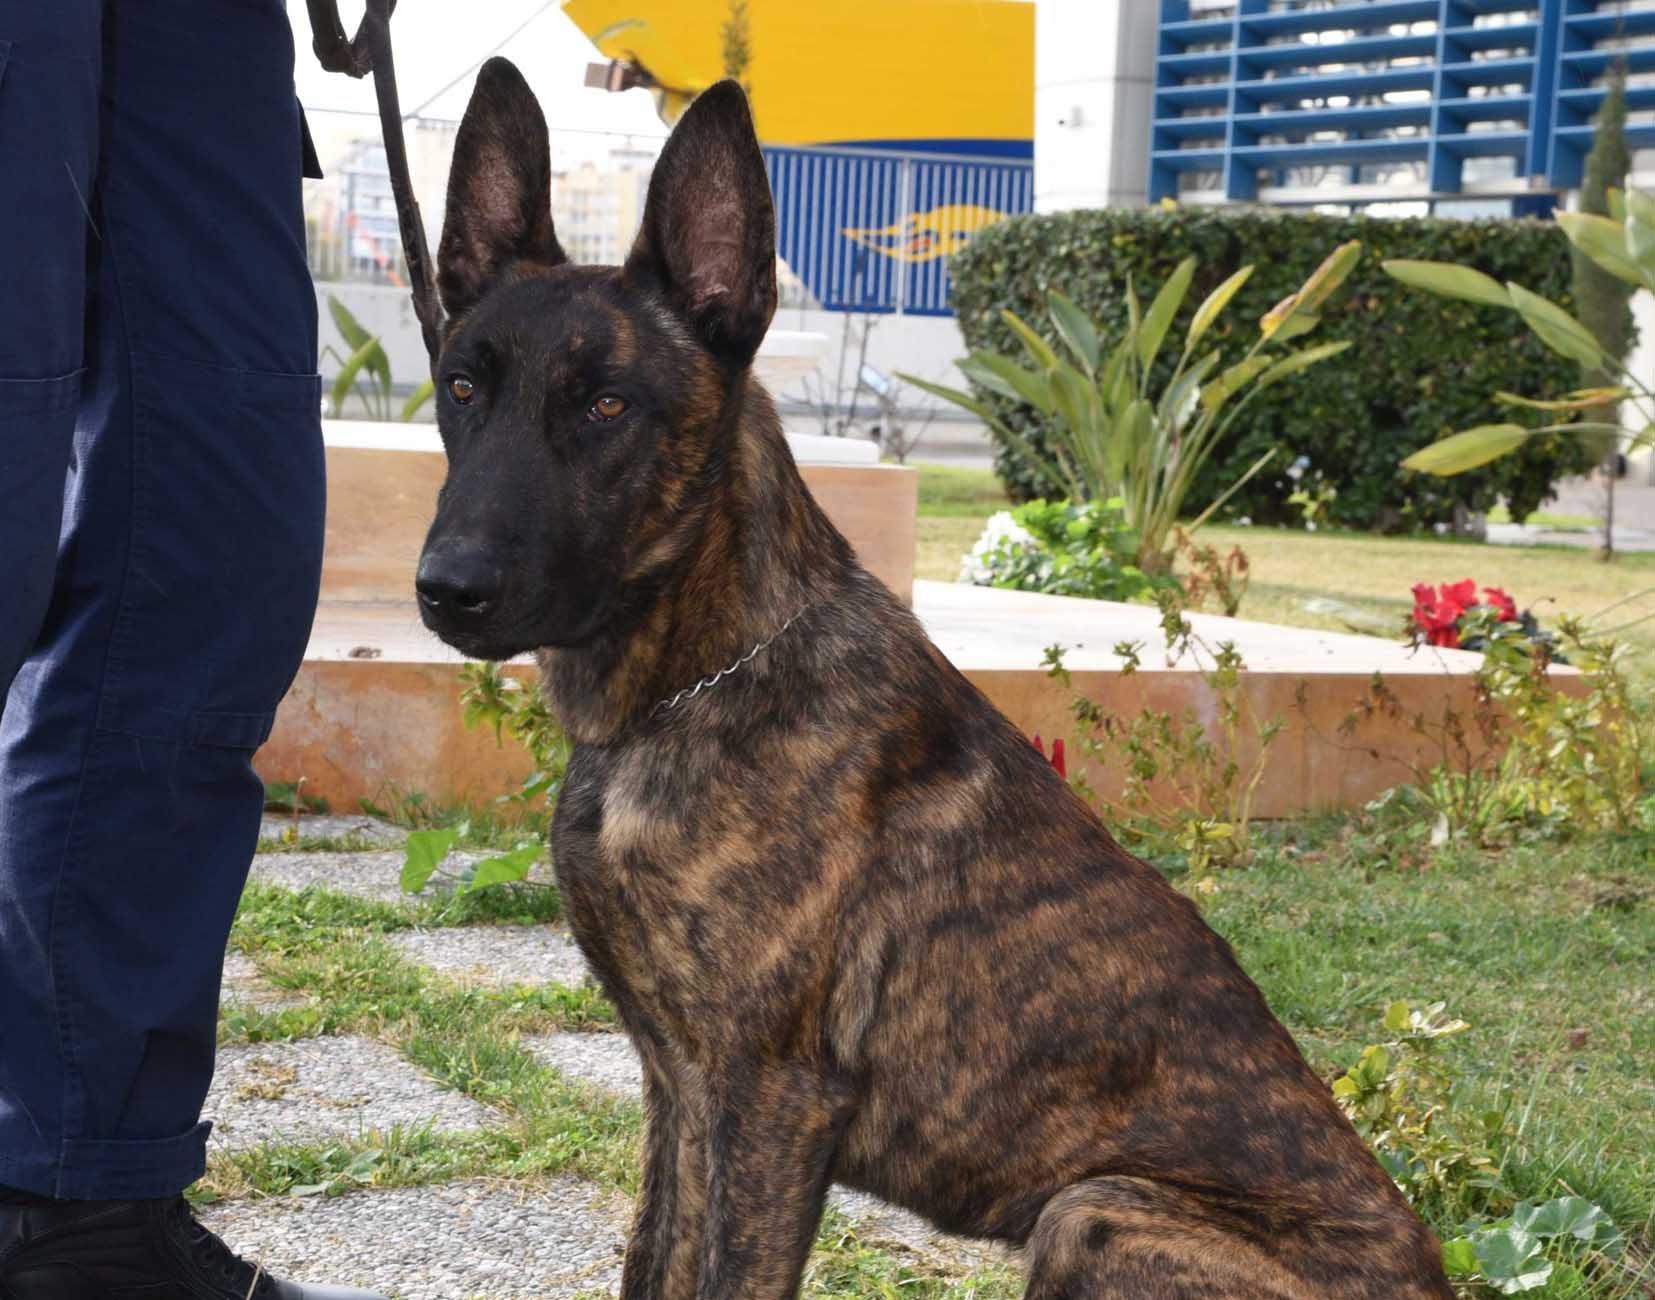 Σκύλοι ανιχνευτές «μυρίστηκαν» παράνομες μεταφορές 170.000 ευρώ